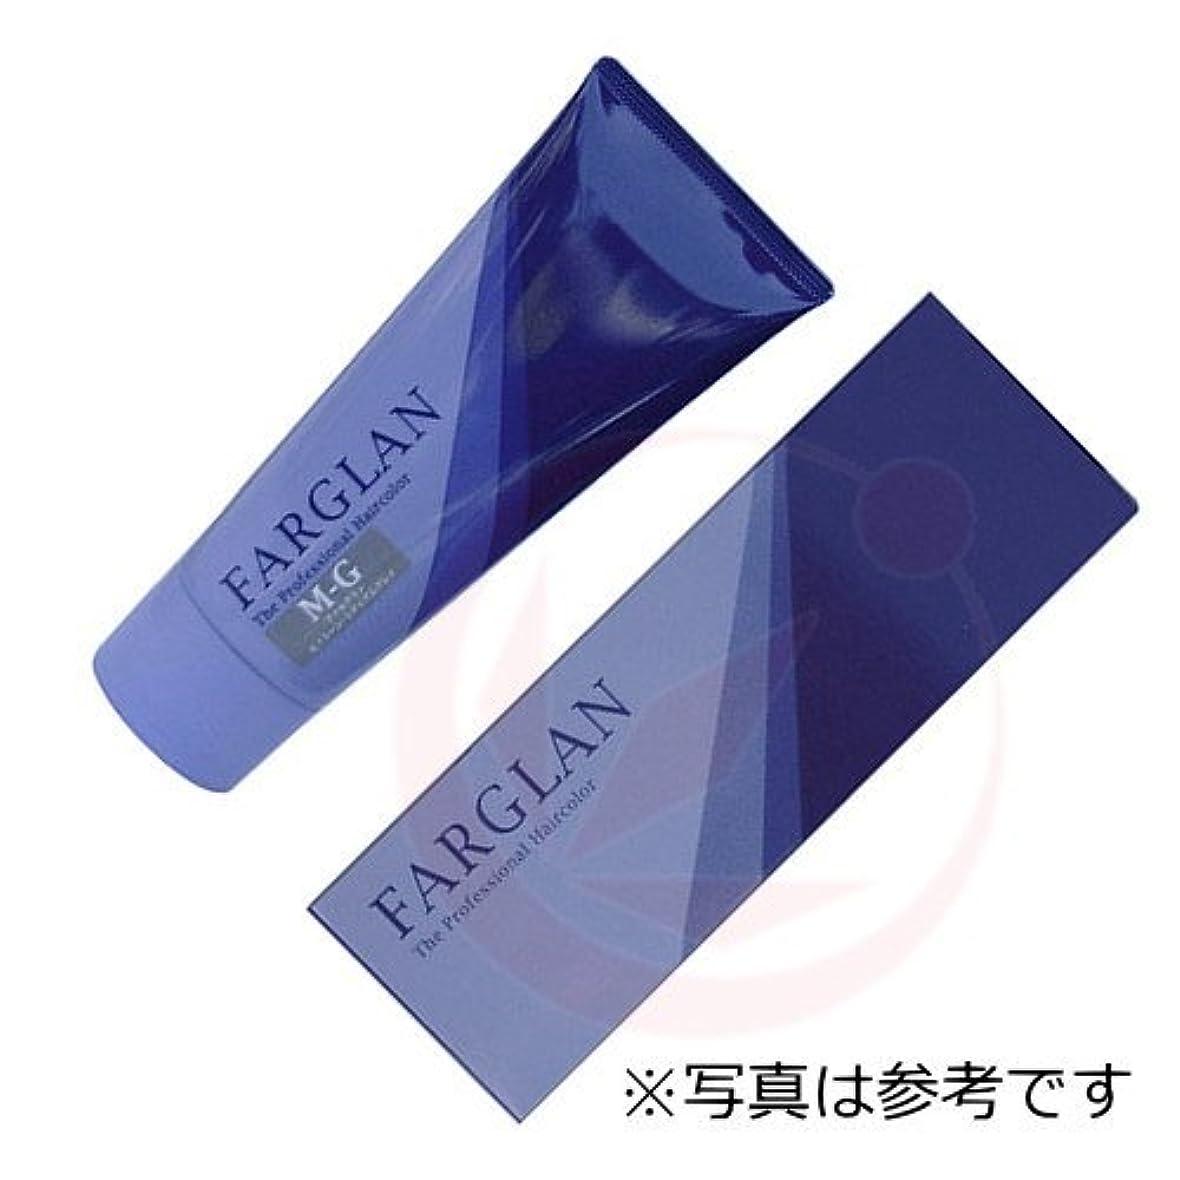 ミルボン ファルグラン 酸性グレイカラー チェスナットブラウン 160g 【チェスナットブラウン】L-CB